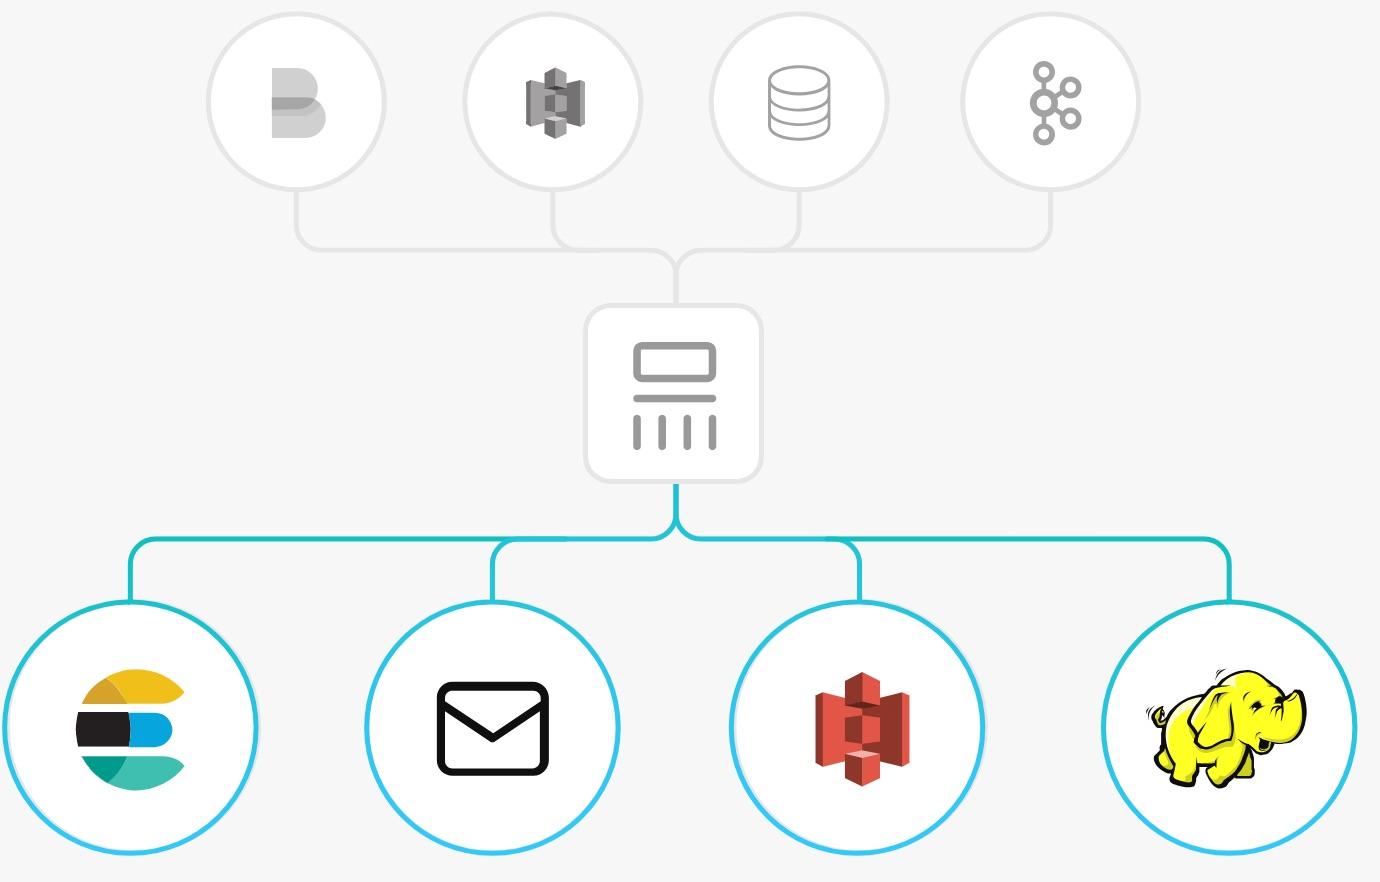 ELK] Tìm hiểu dịch vụ Logstash trong hệ thống ELK Stack